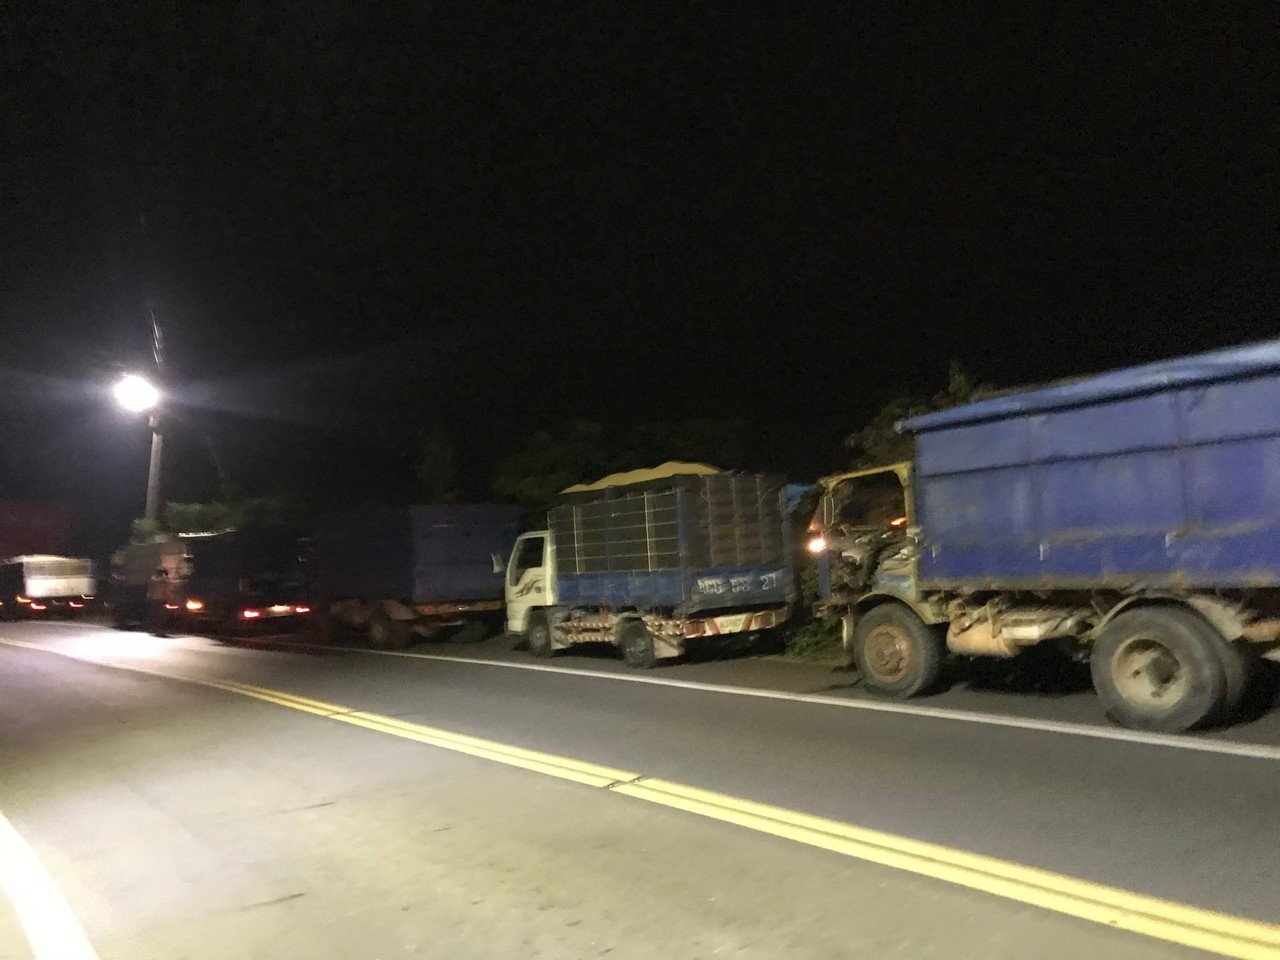 大雨逼近,跟老天爺借時間, 台南後壁搶割稻,車輛漏夜大排長龍。圖/張美雪提供